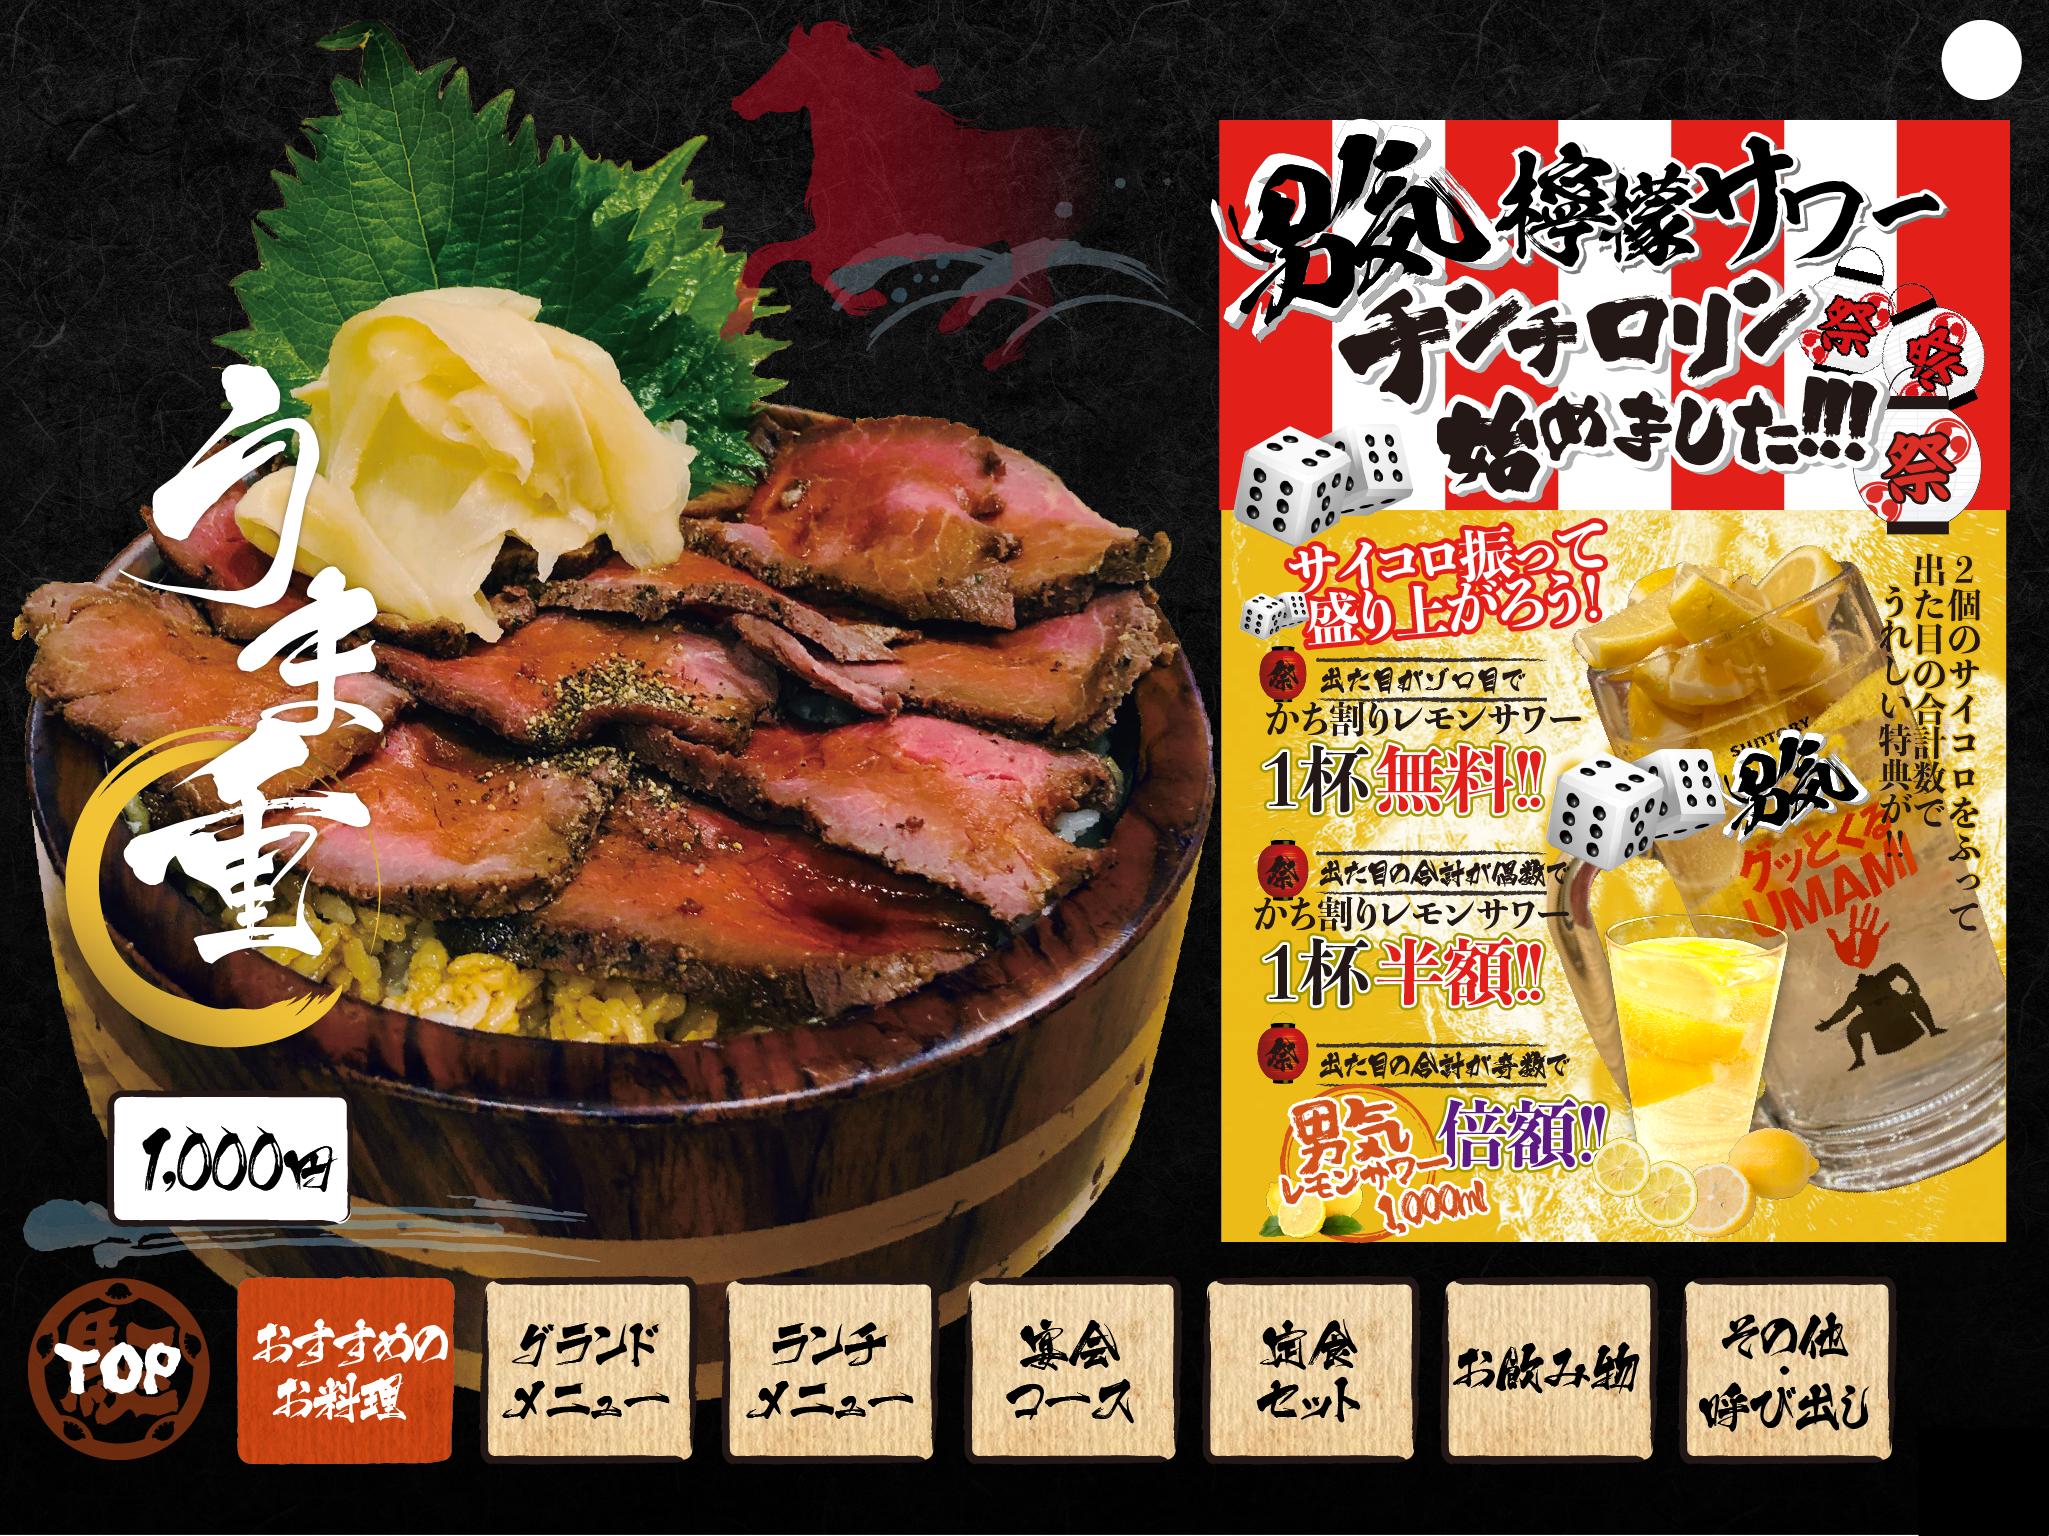 201217馬重お勧め檸檬menu_p2